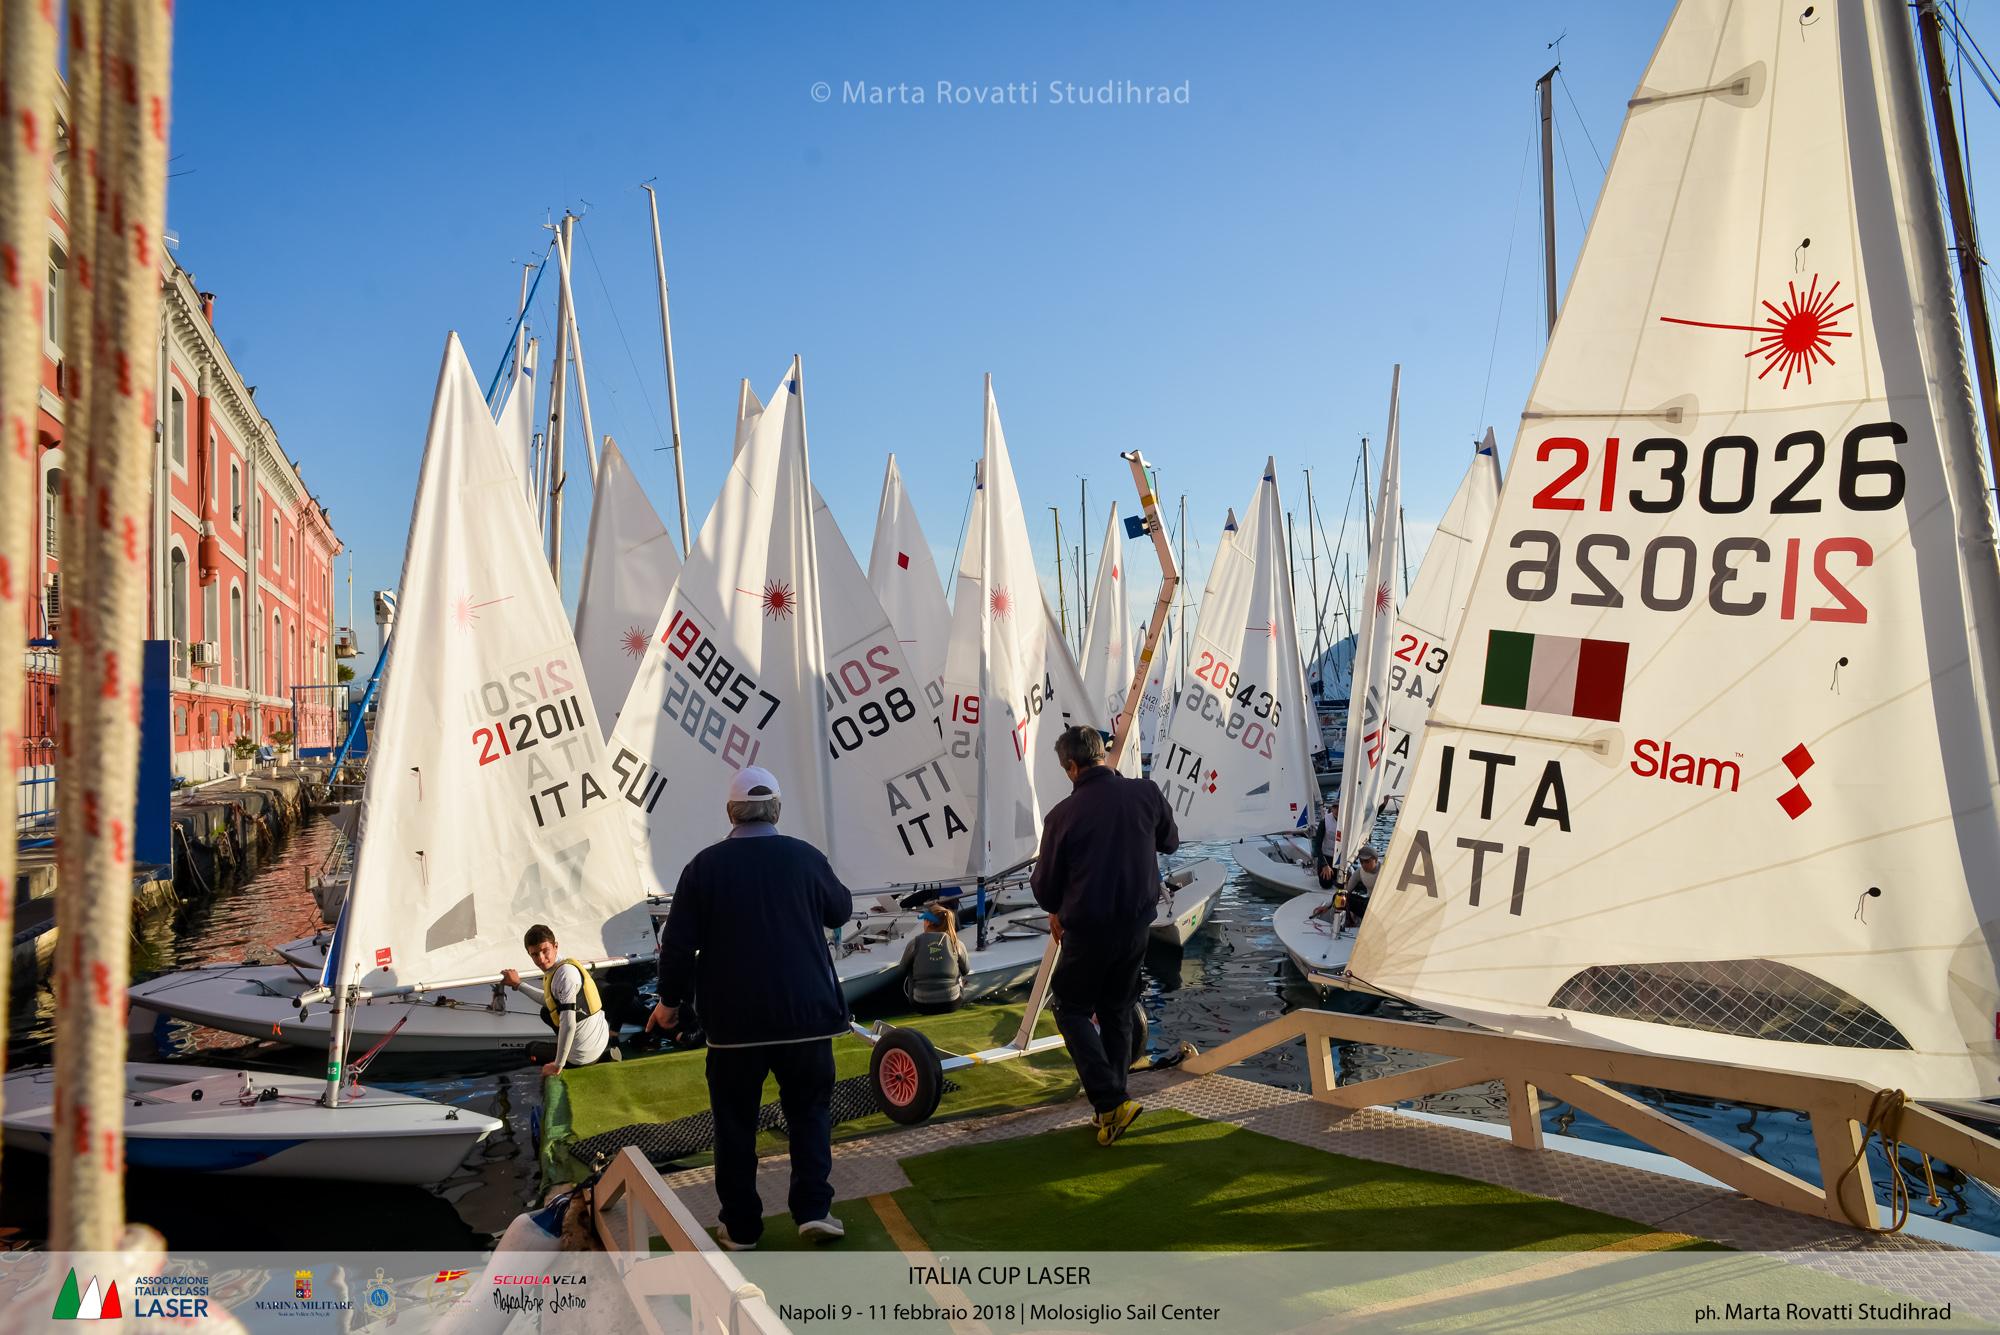 Associazione-Italia-Classi-Laser-2018-Napoli_MRS7435